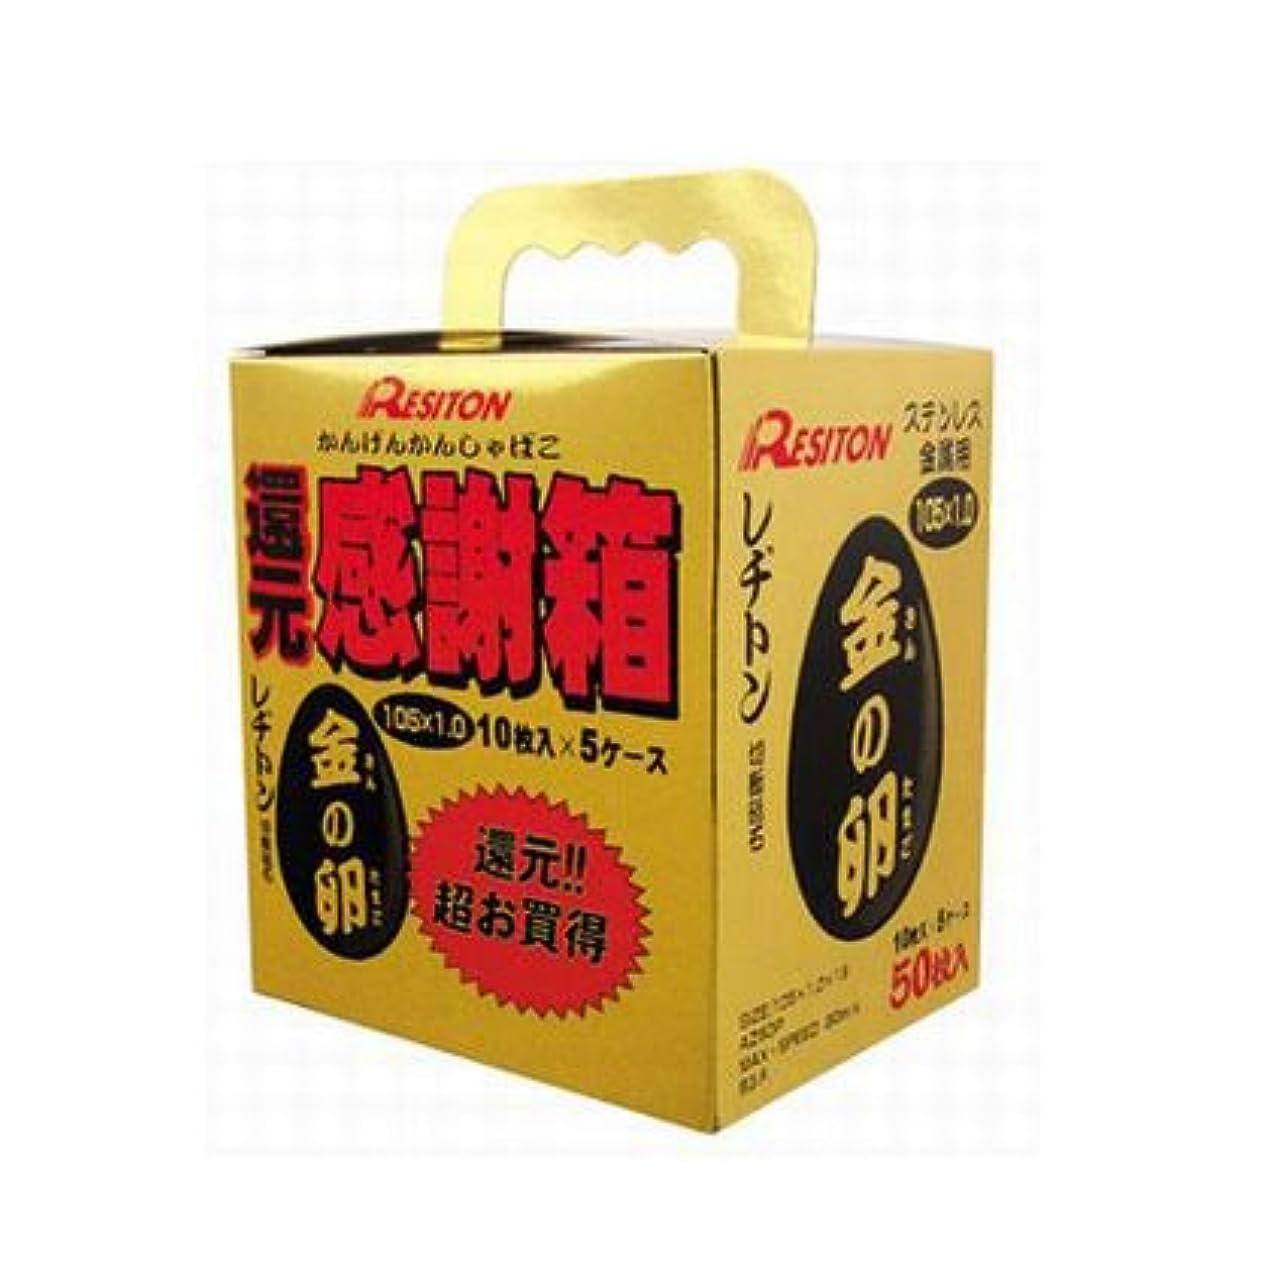 遅らせる年金受給者想定レヂトン 金の卵 感謝箱セット (キンノタマゴセット 105 50+5)